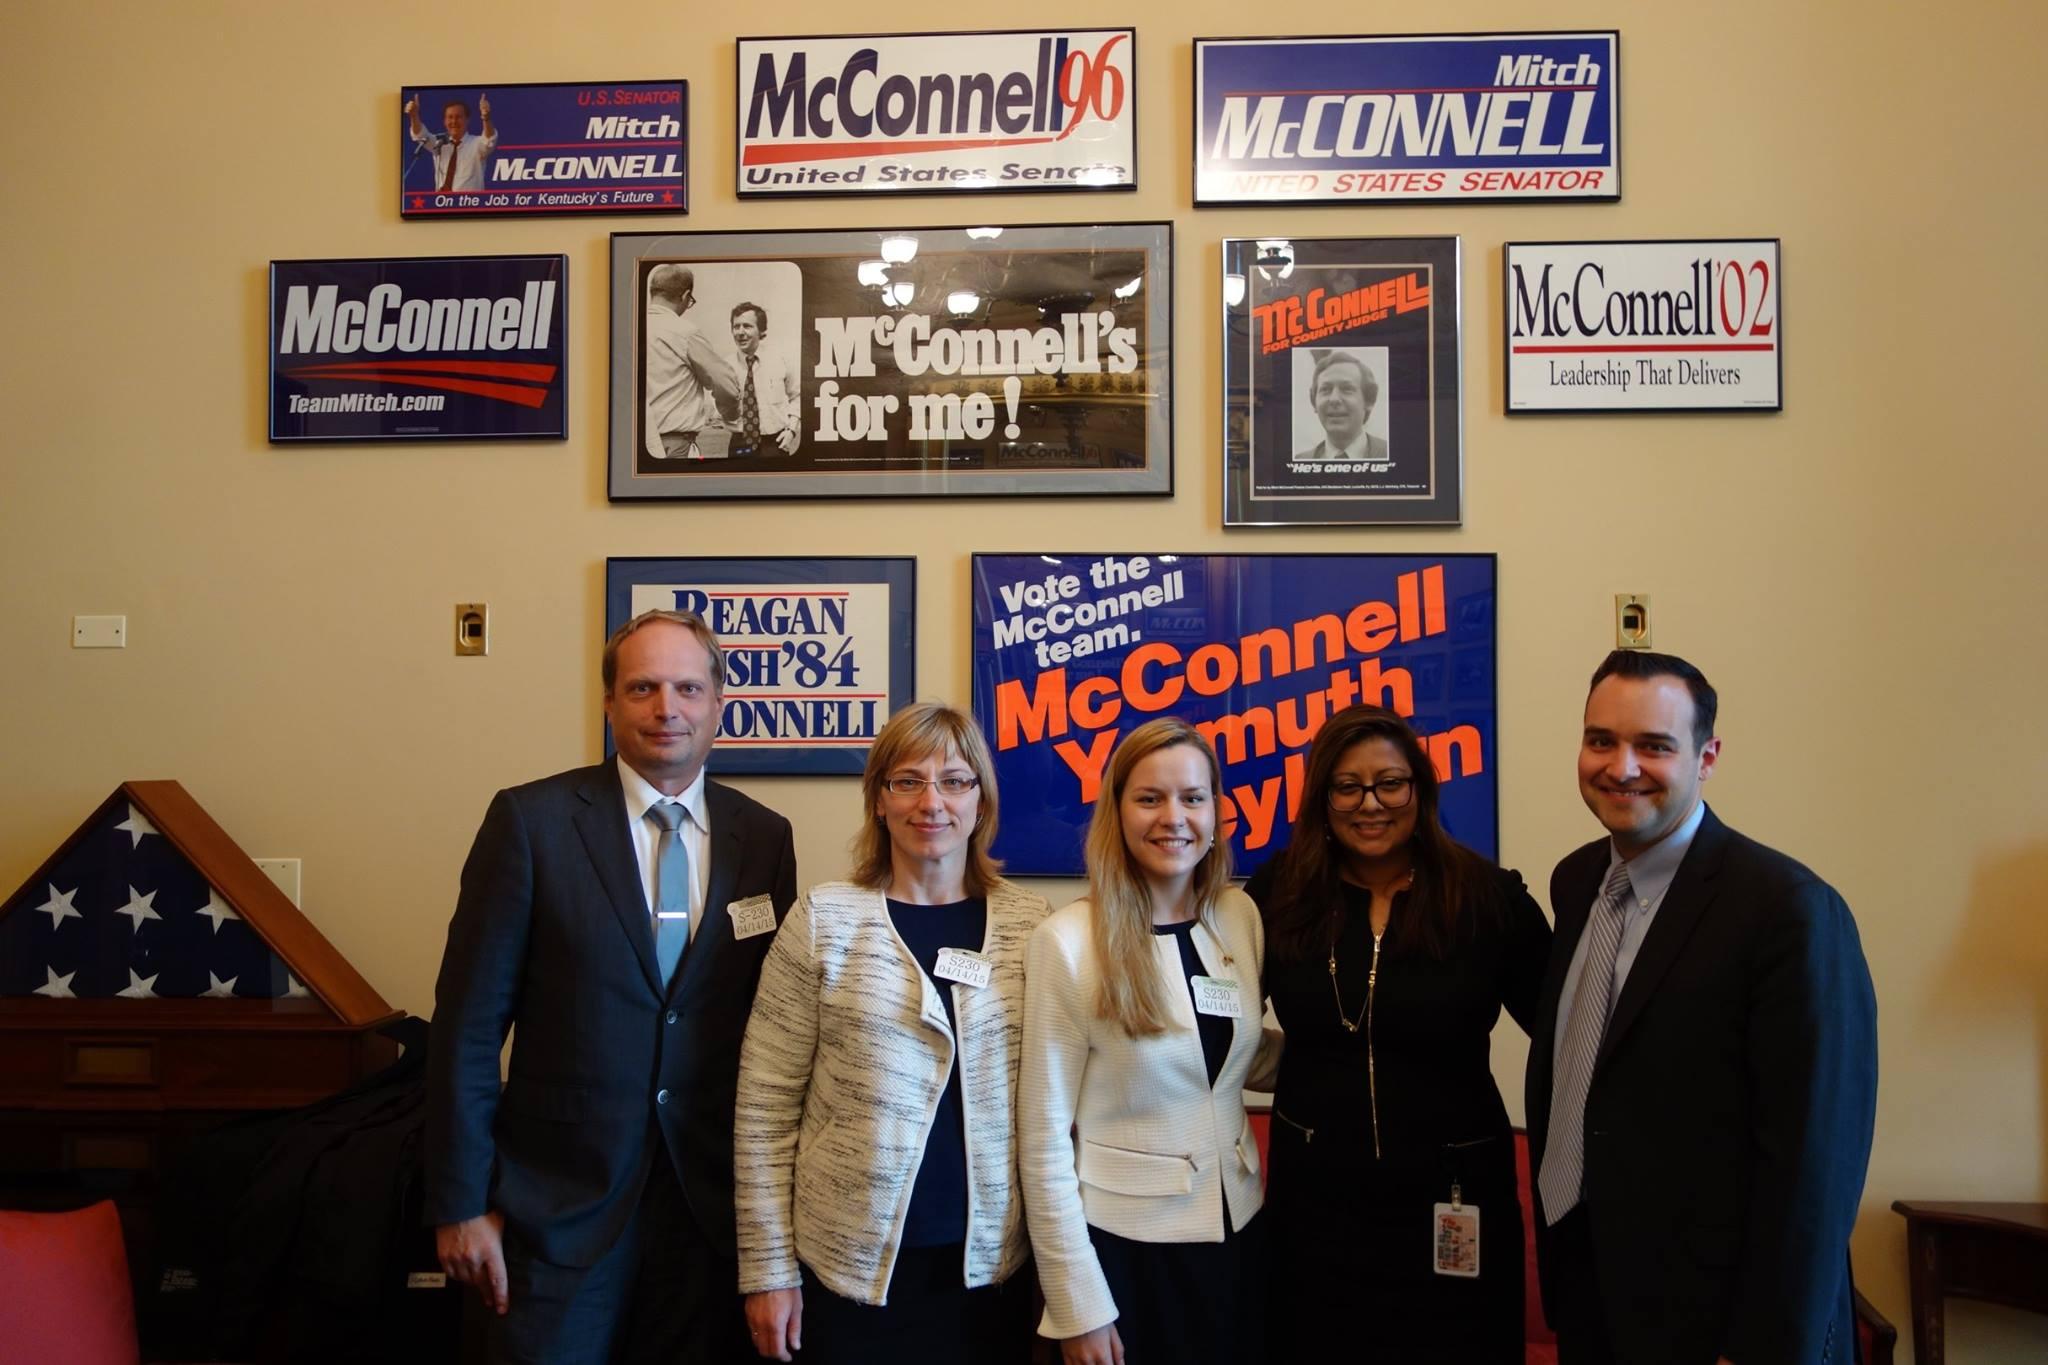 20150414-Senatas-MMcConnel-komanda